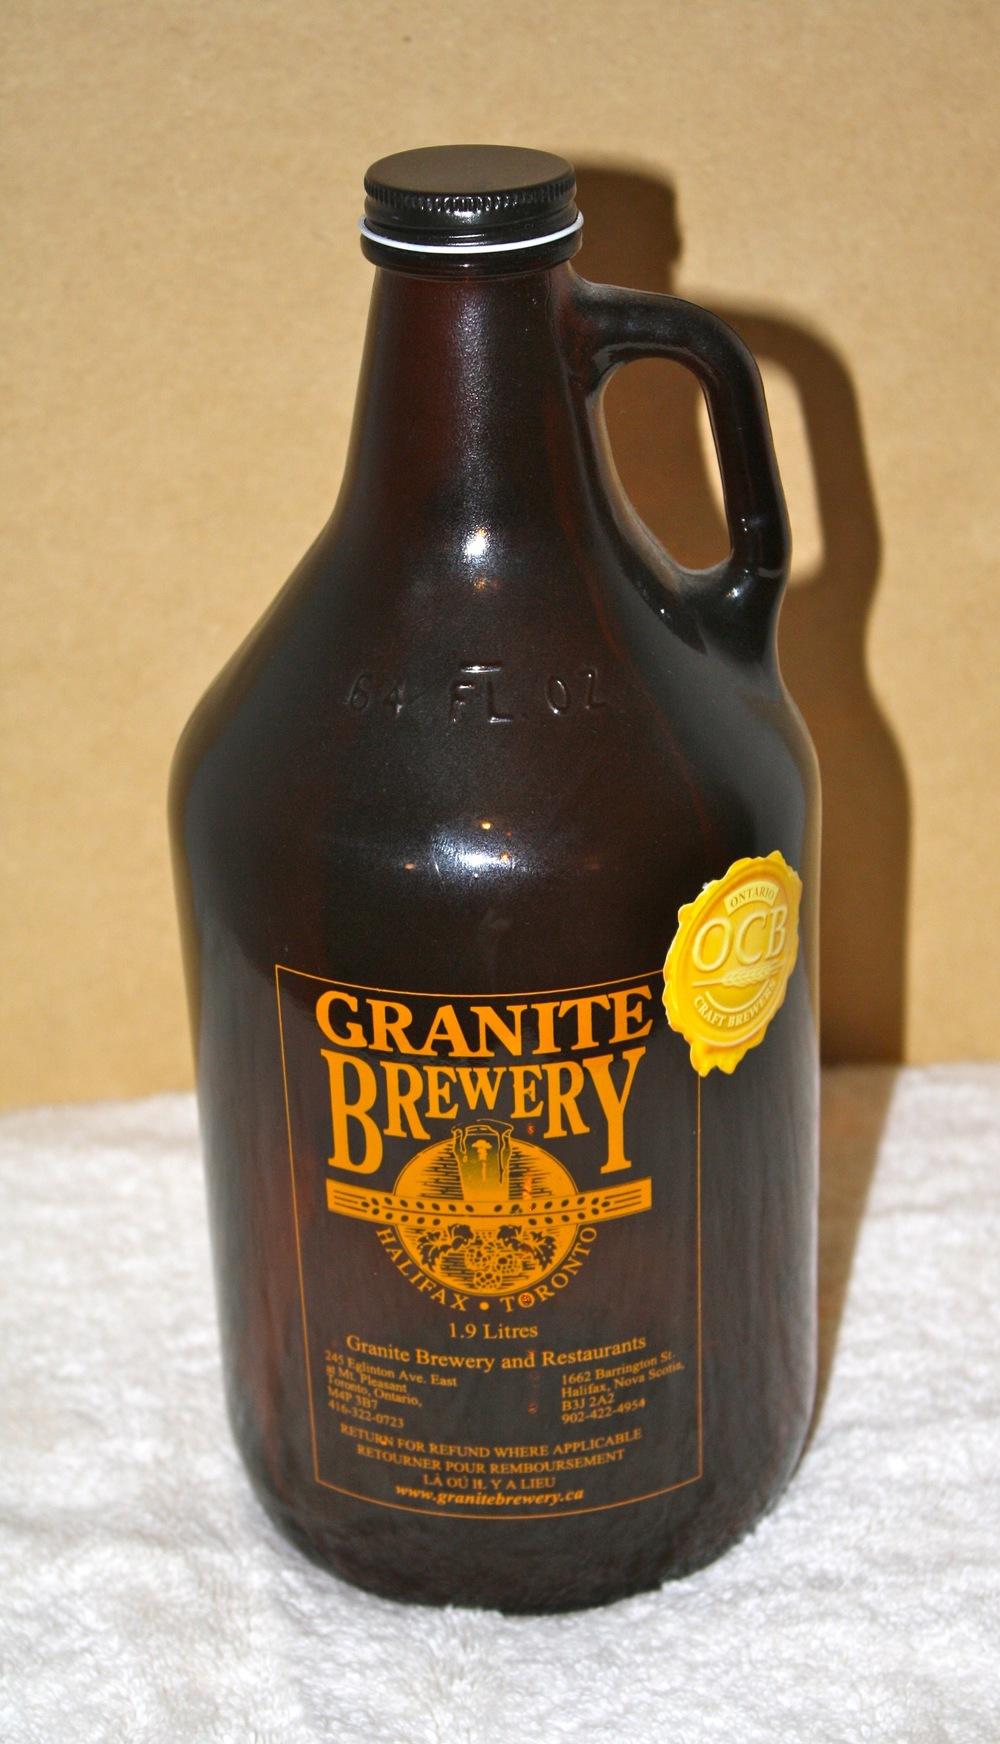 GR - Granite Brewery old (ON).jpg